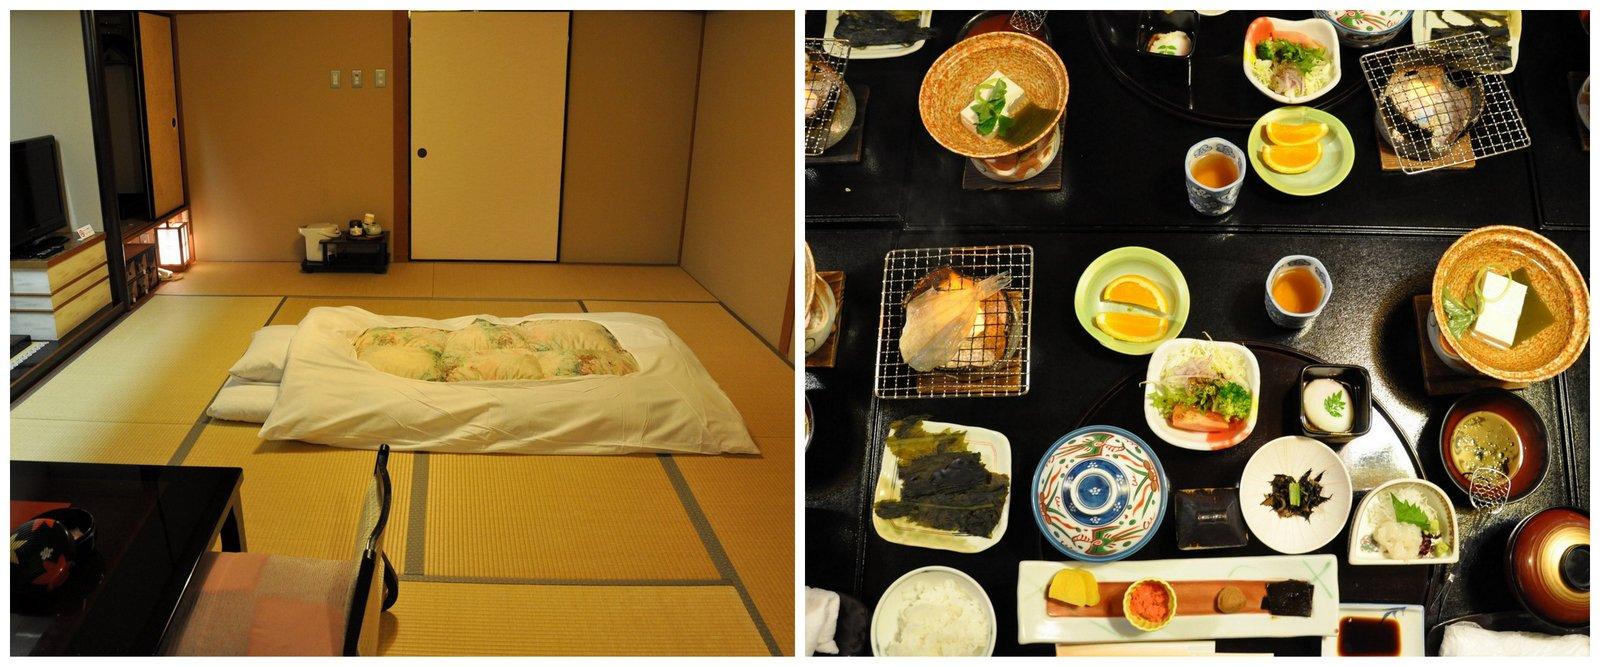 Habitación tradicional con futón y comida kaiseki en ryokan Mansuirou en Misasa